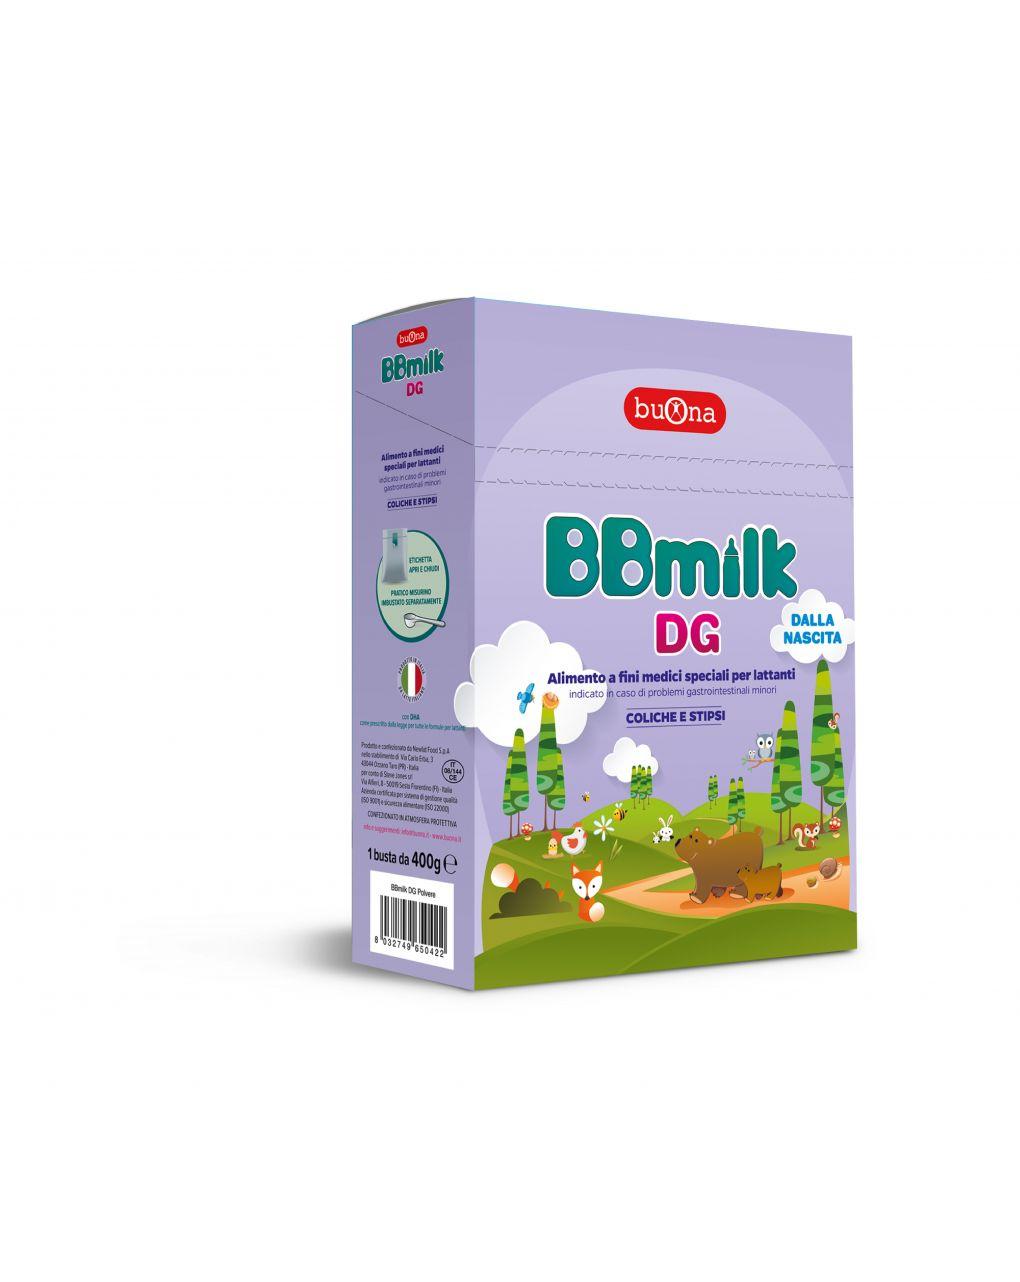 Buona - latte bbmilk dg polvere 400g - Buona